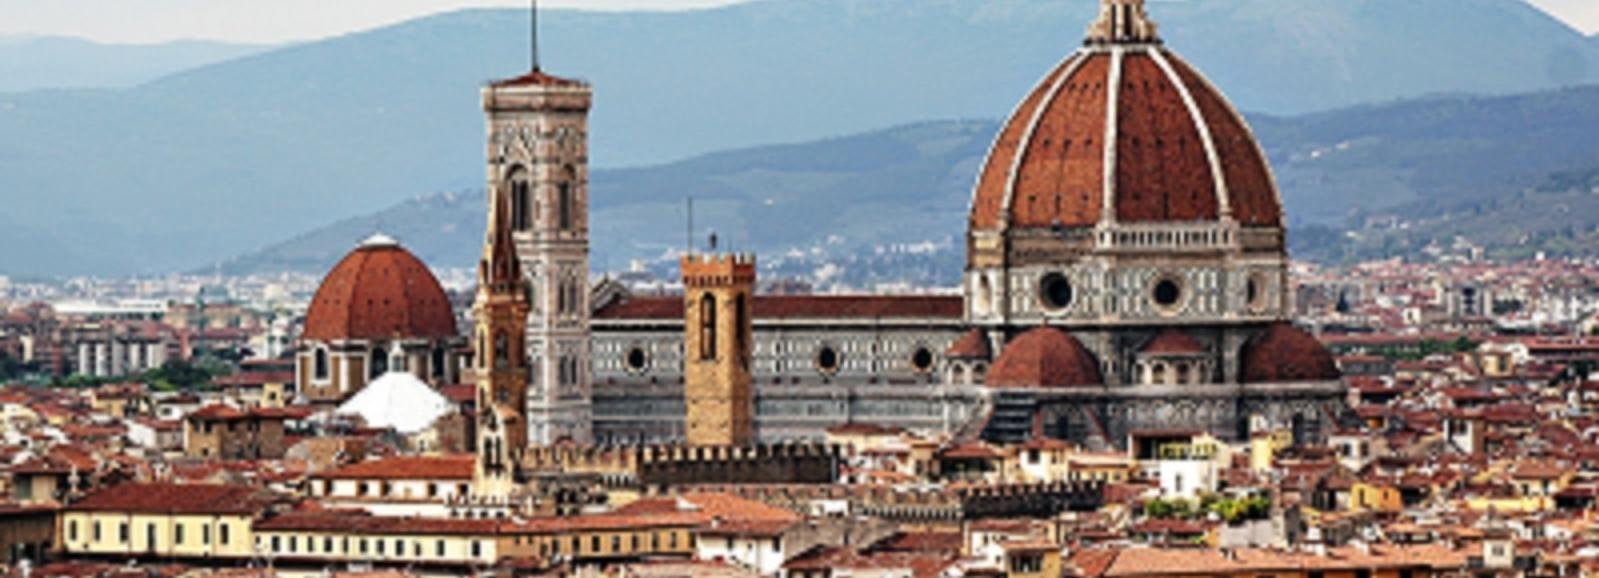 Van Livorno: excursies aan wal naar Florence en Pisa